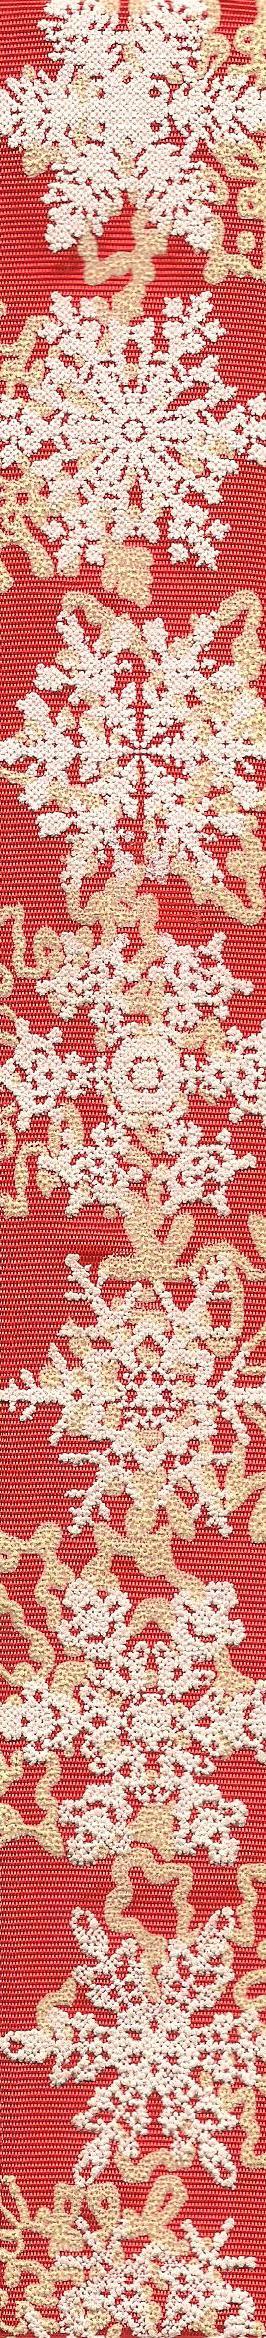 Fotografie Alvarak Textilní návin vánoční potisk mix barev a velikostí 2-3 m 1 kus